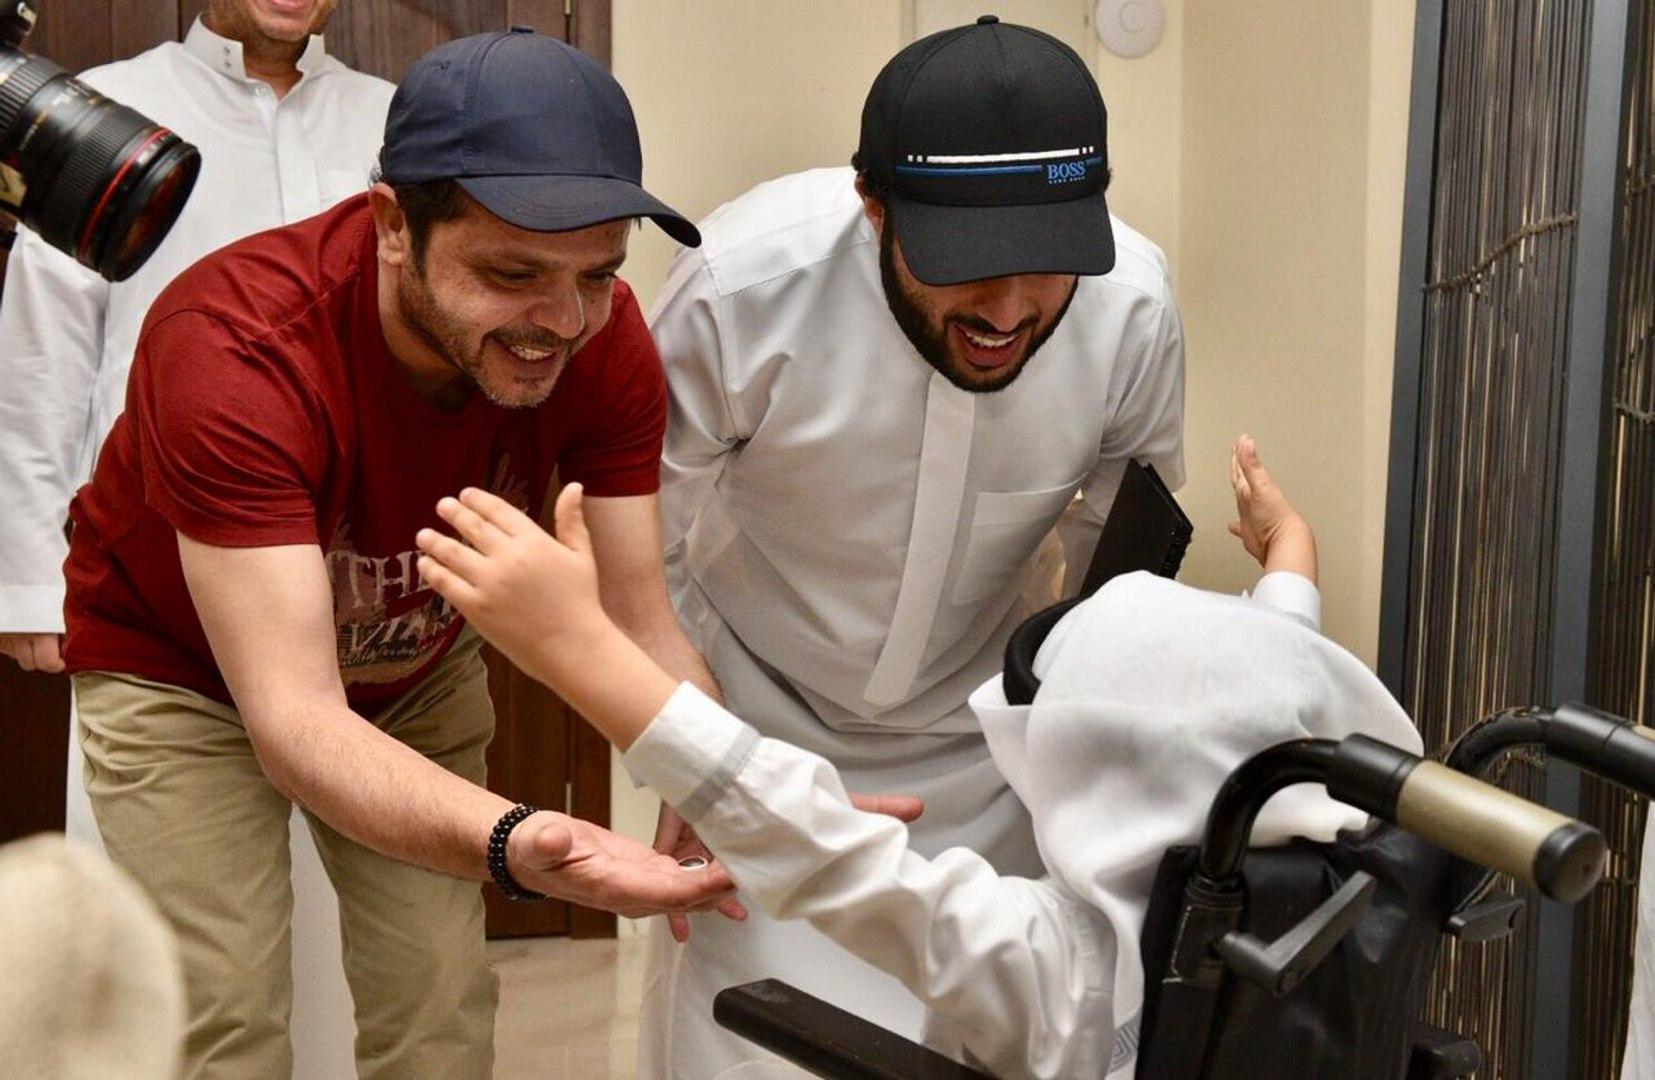 محمد هنيدي ي حقق حلم طفل سعودي ما علاقة تركي آل الشيخ فيديو